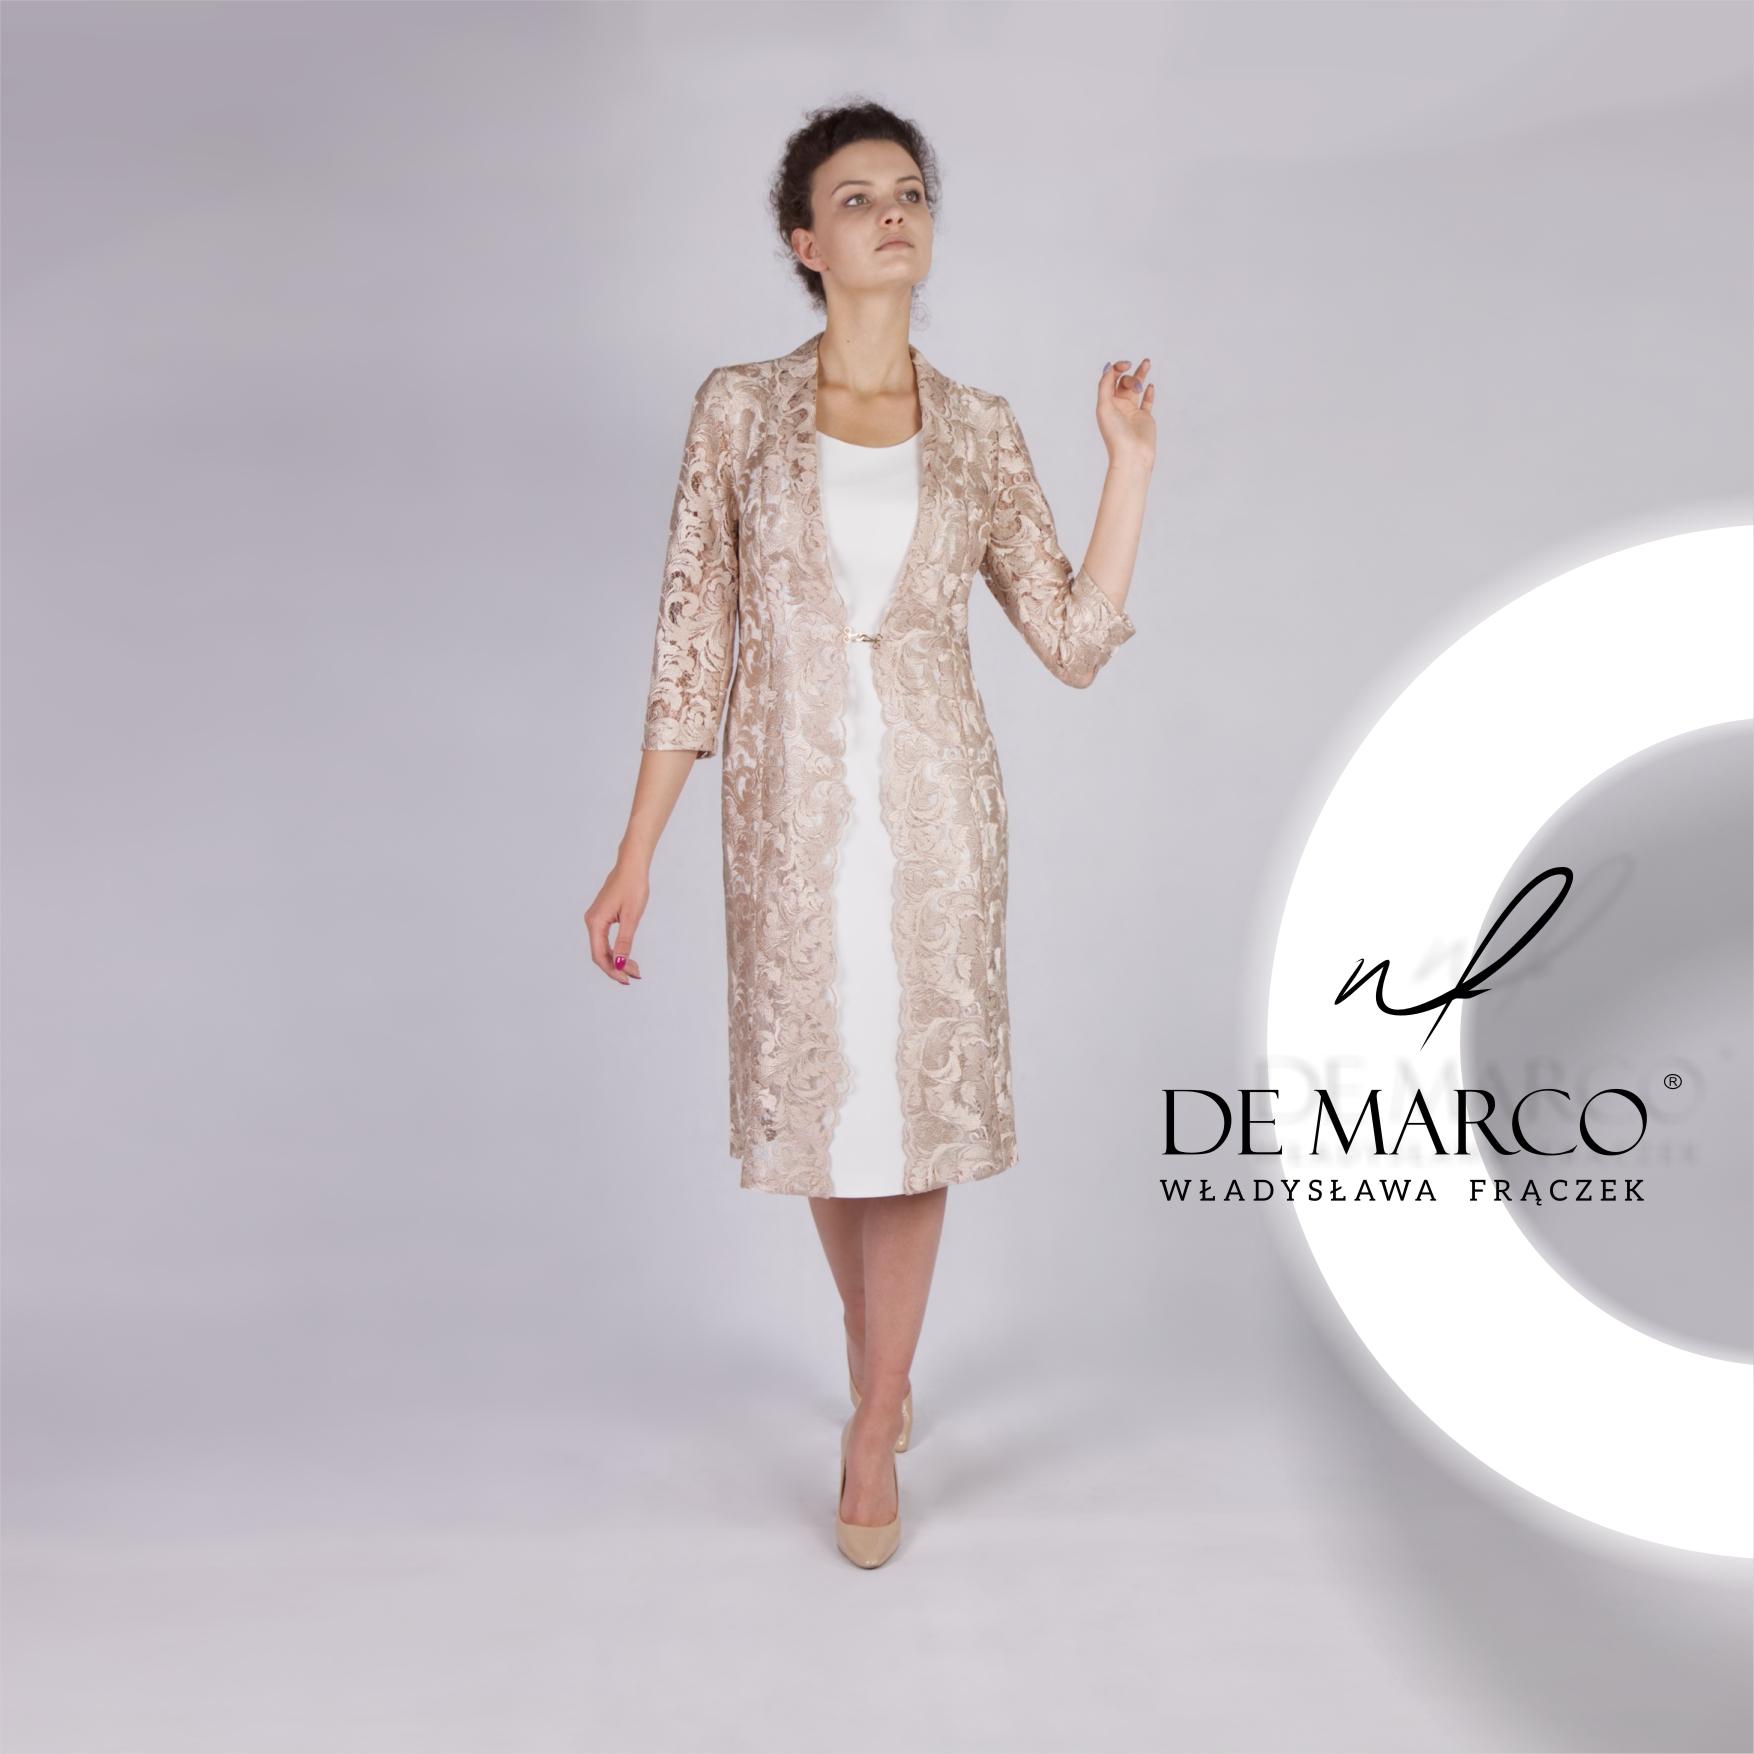 Komplet sukienka z płaszczykiem z koronki to idealna stylizacja dla matki wesela. Zapraszam do sklepu internetowego De Marco. Szyjemy na miarę ekskluzywne zestawy na wesele.